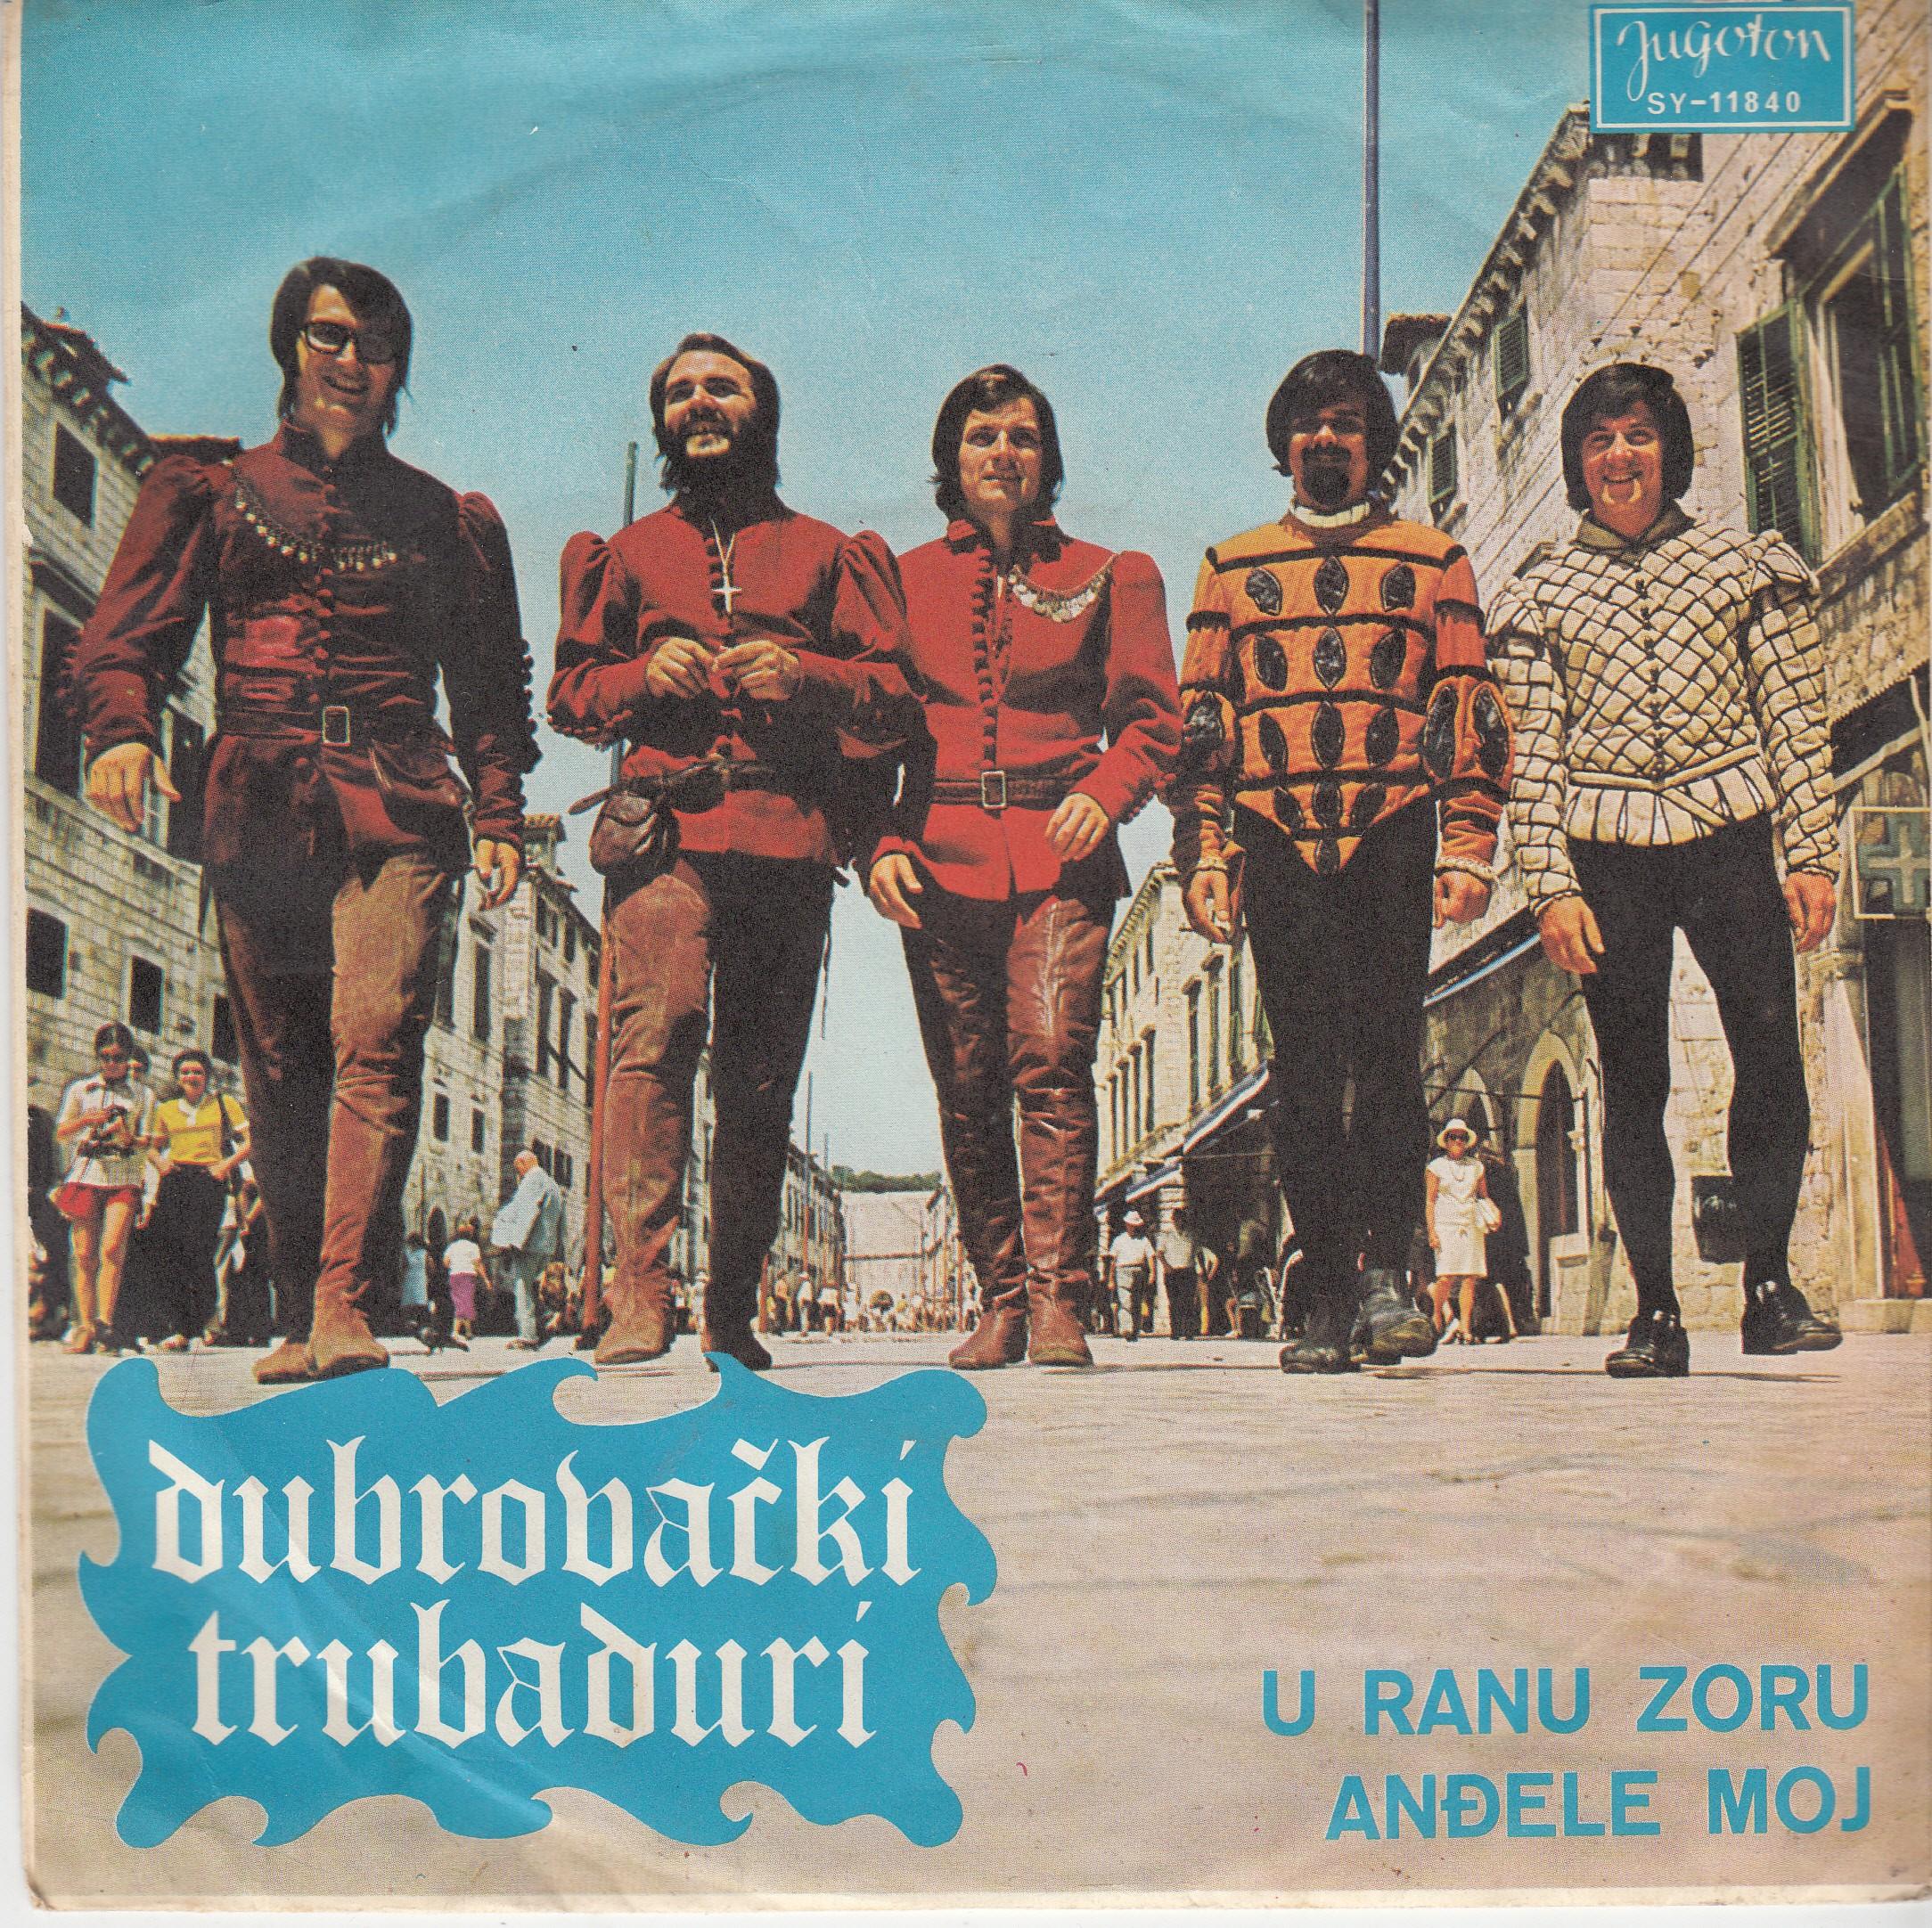 Dubrovacki Trubaduri - U Ranu Zoru/andjele Moj